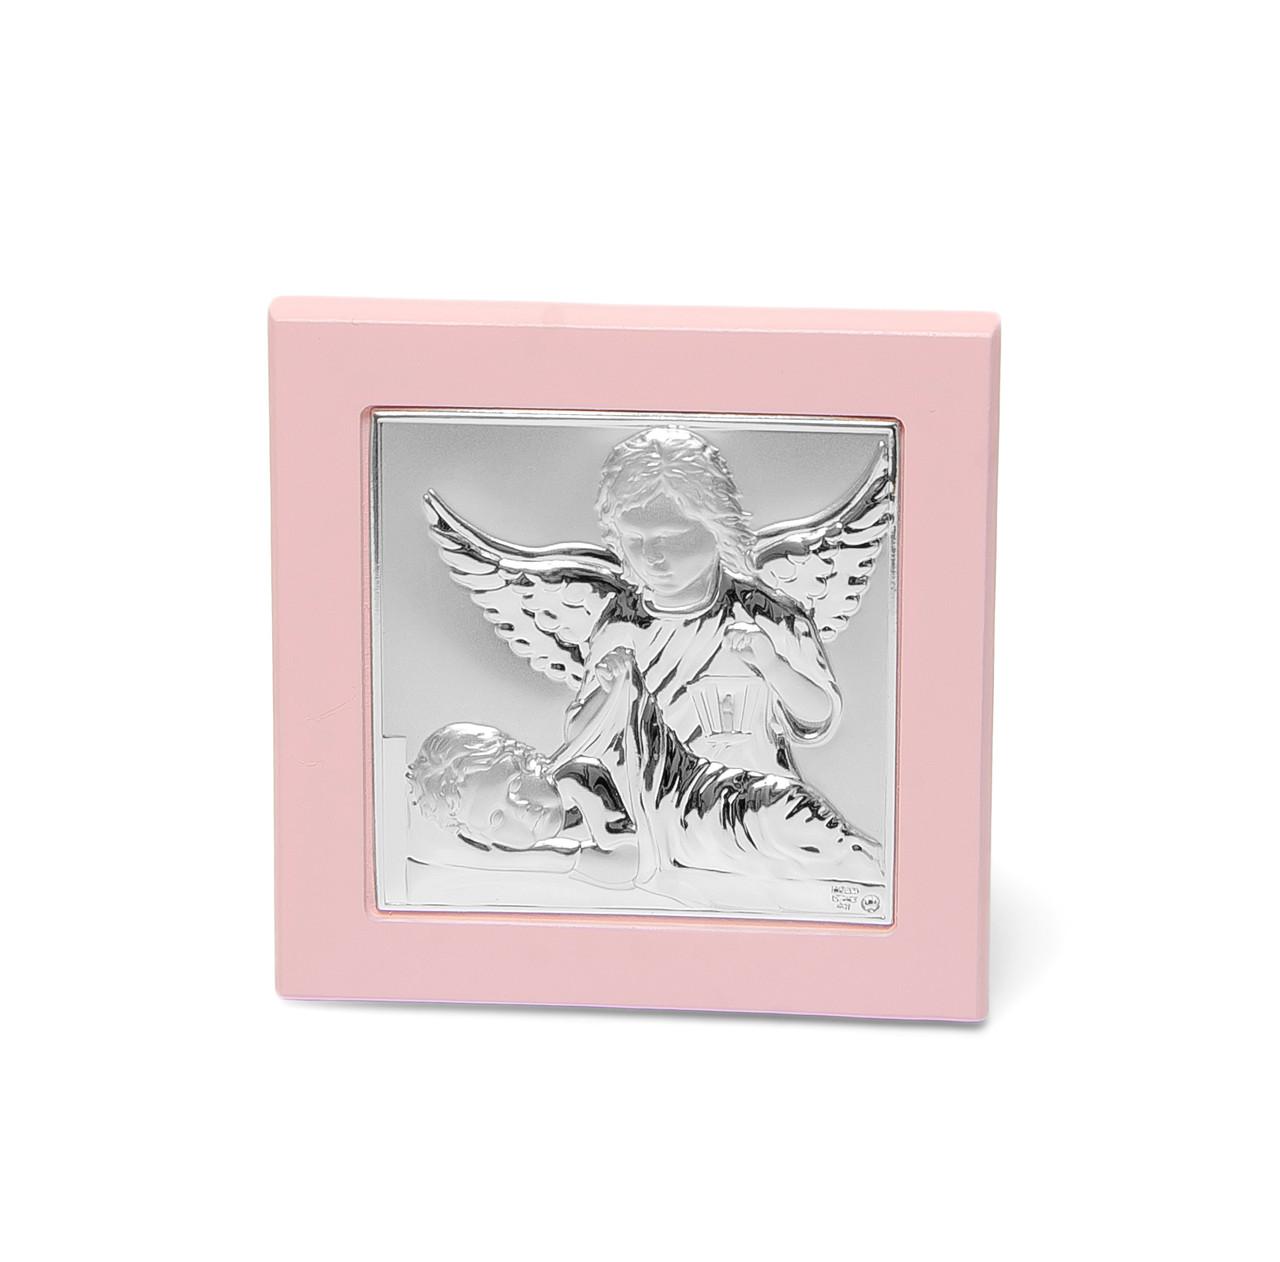 Икона серебряная Ангел Хранитель 11х11см  в подарок девочке на крестины или день рождения